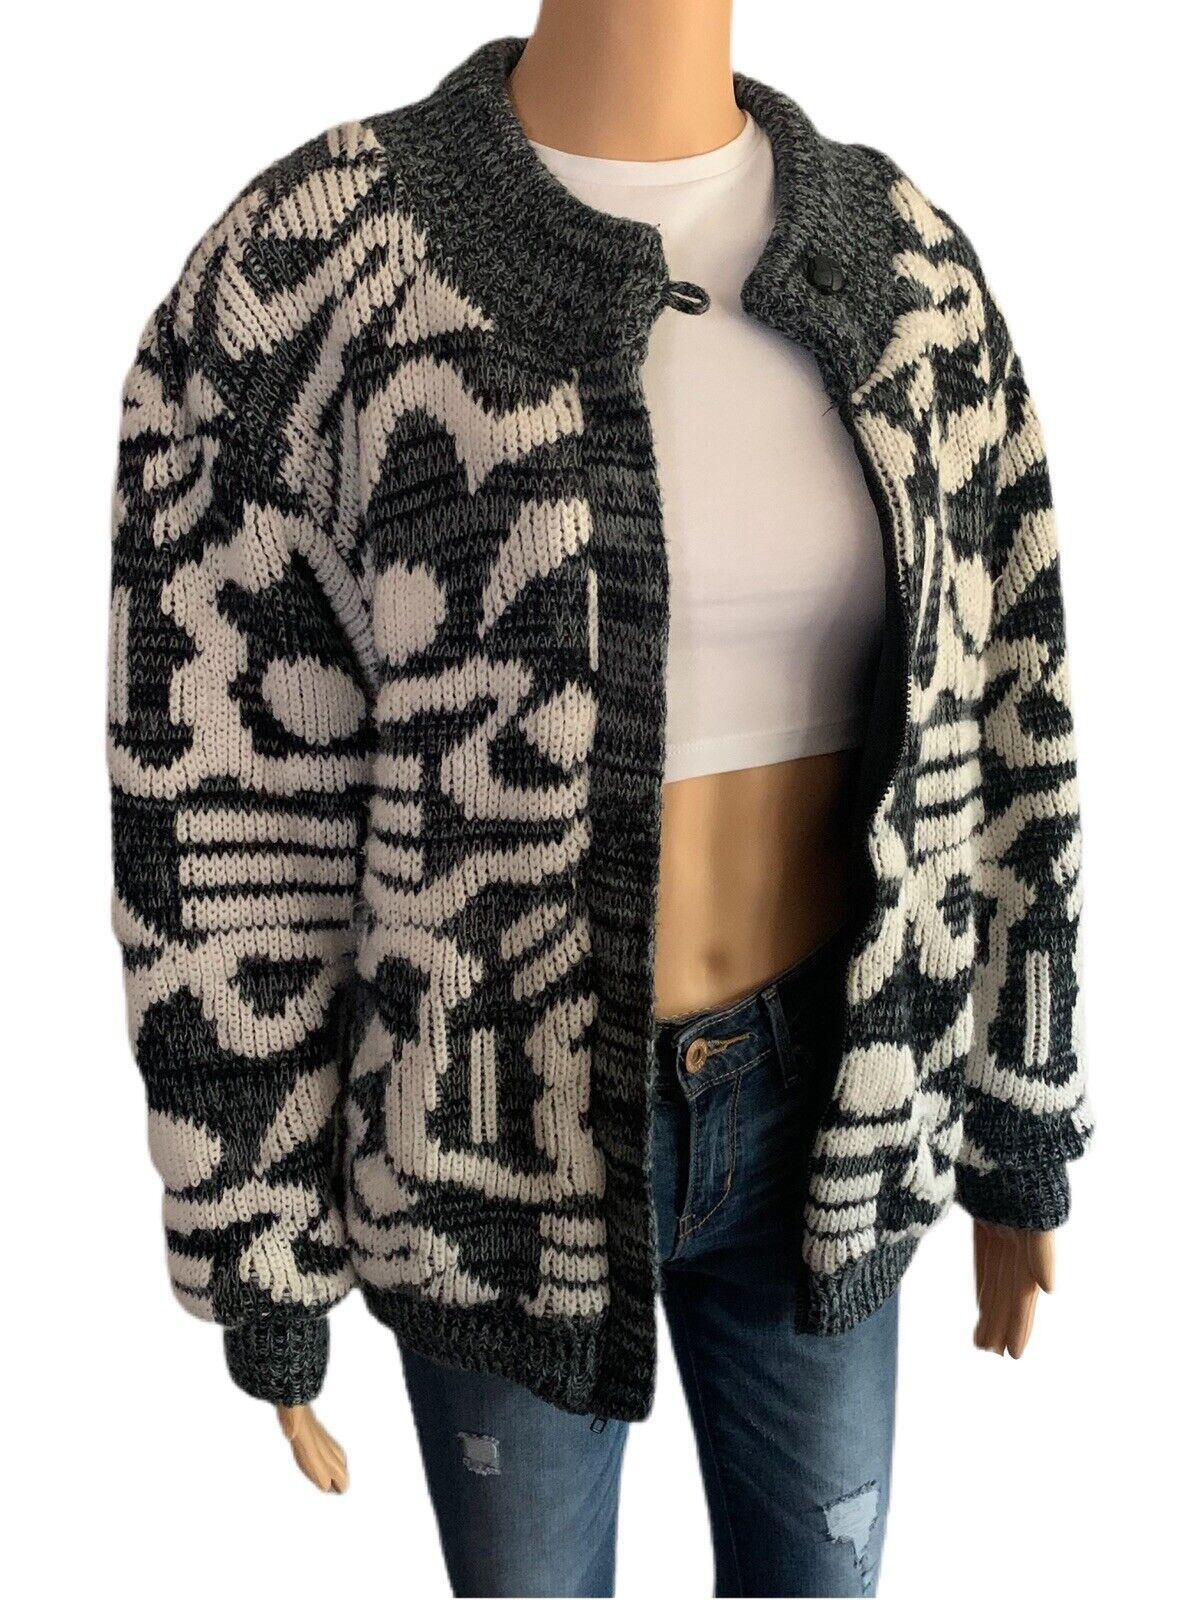 Chimayo Knit Sweater Jacket 80s Vintage Jacket Bo… - image 4